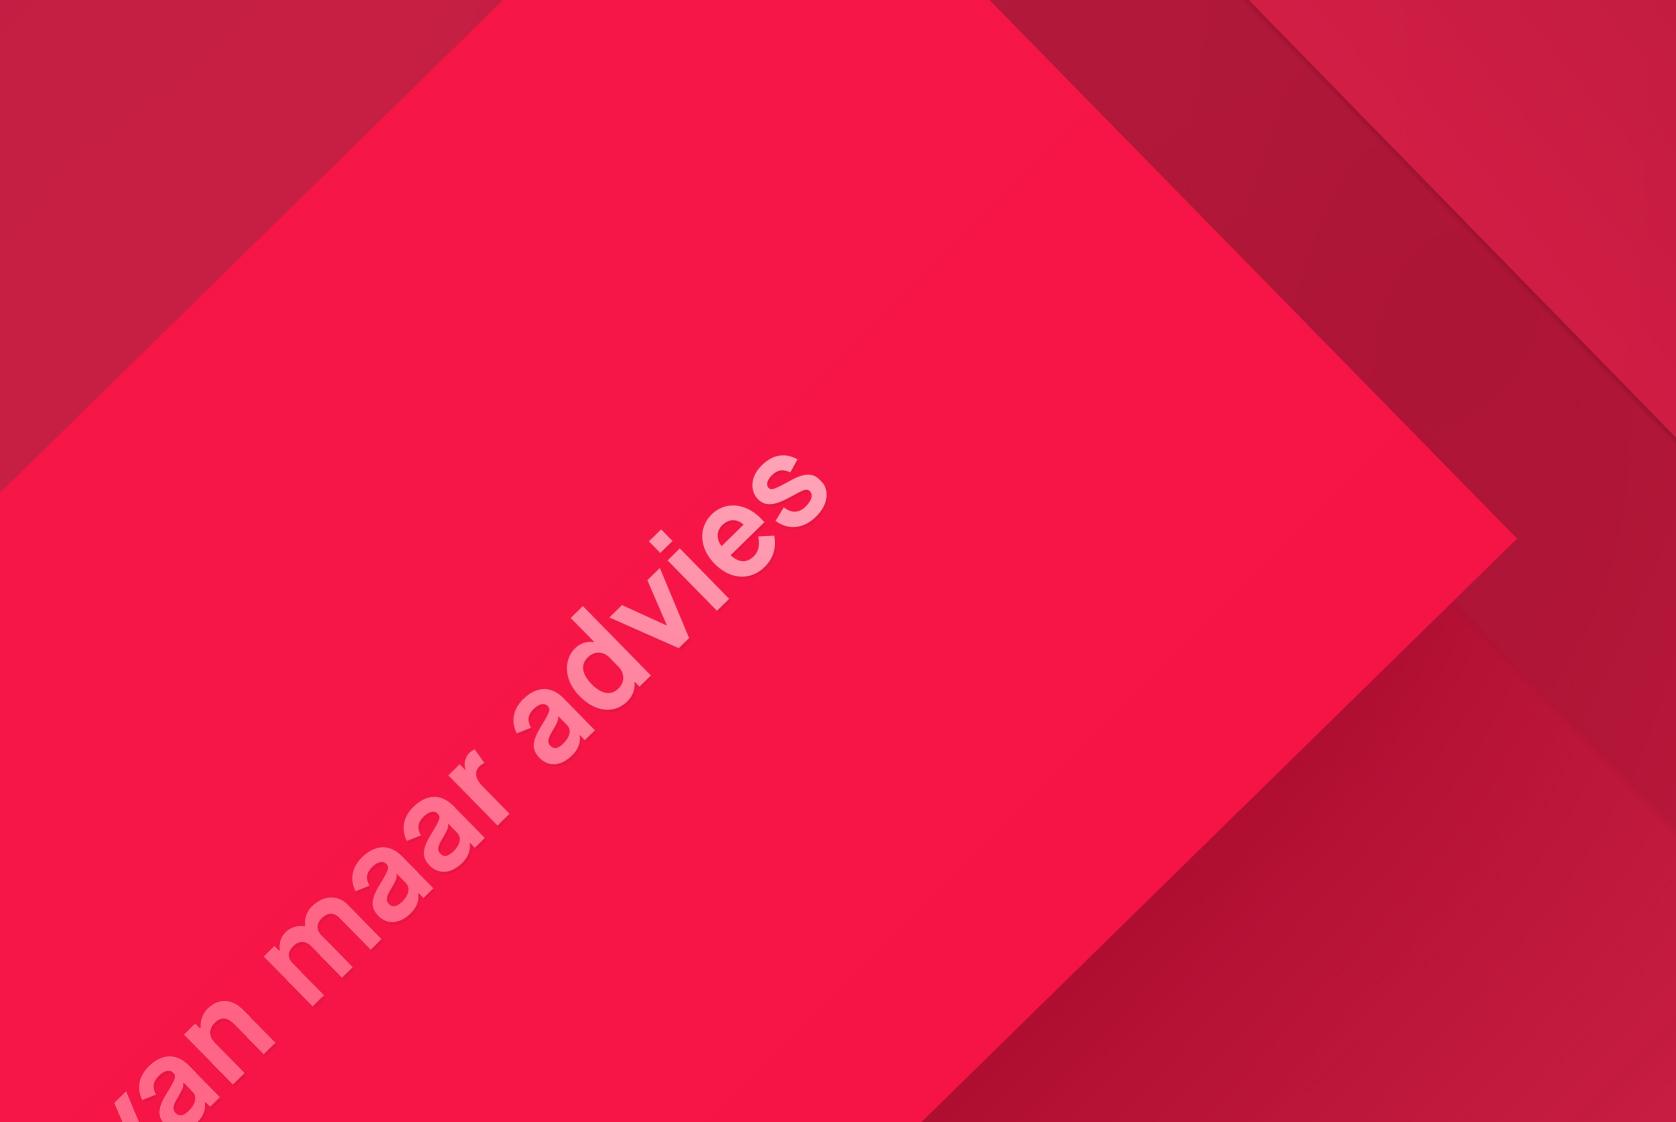 Van Maar Advies